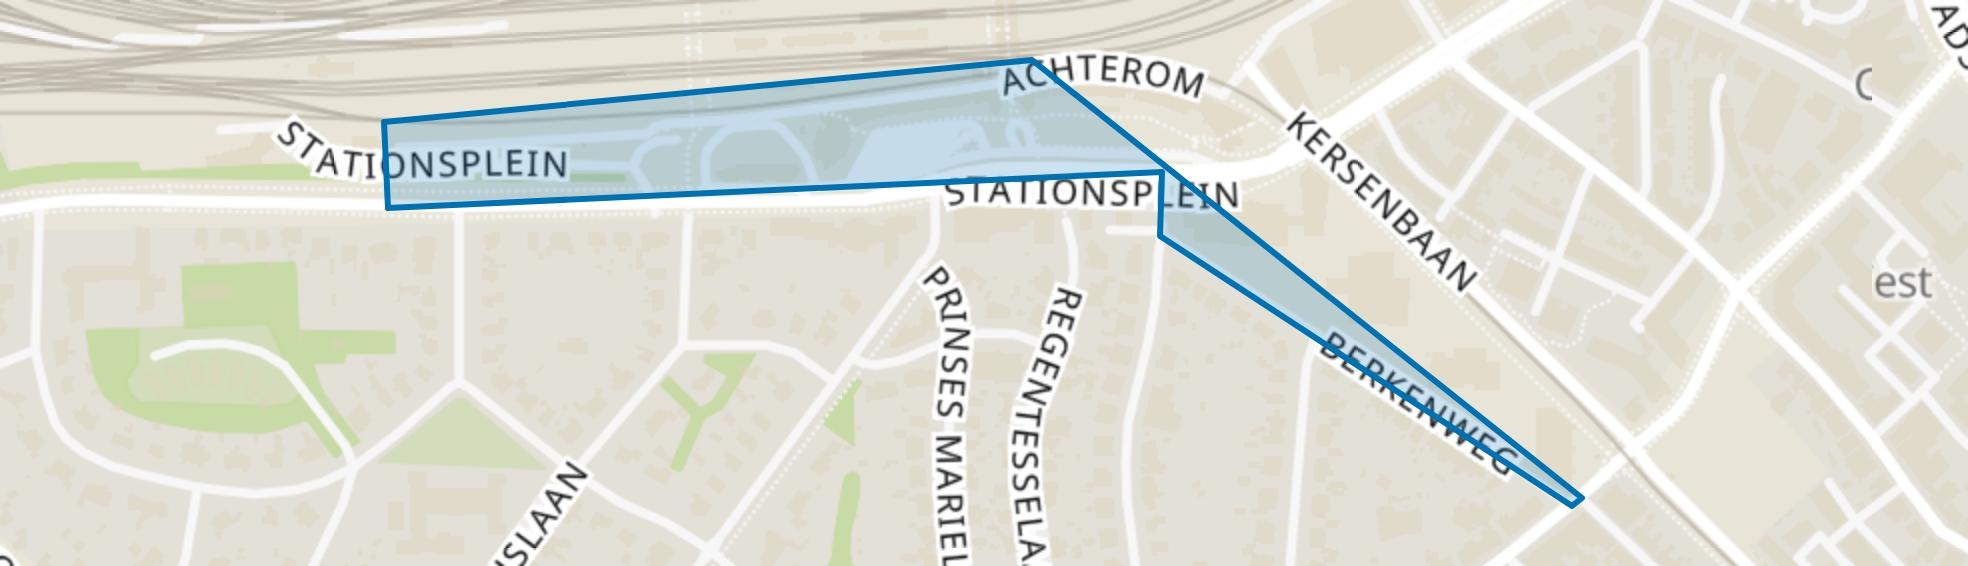 Station Berkenweg, Amersfoort map